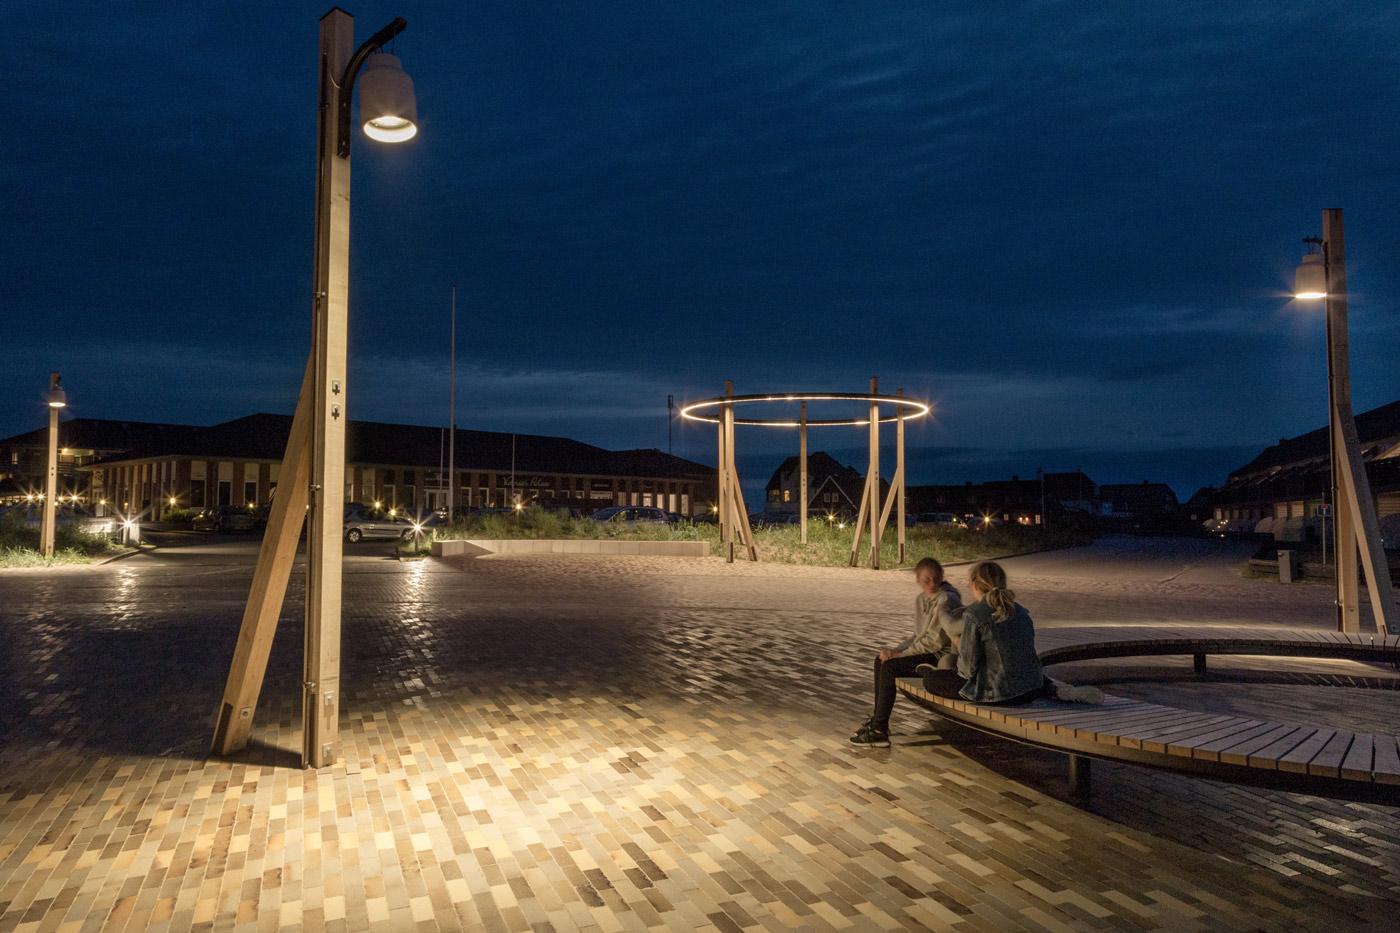 Fanø Bad fanølampen aften lys